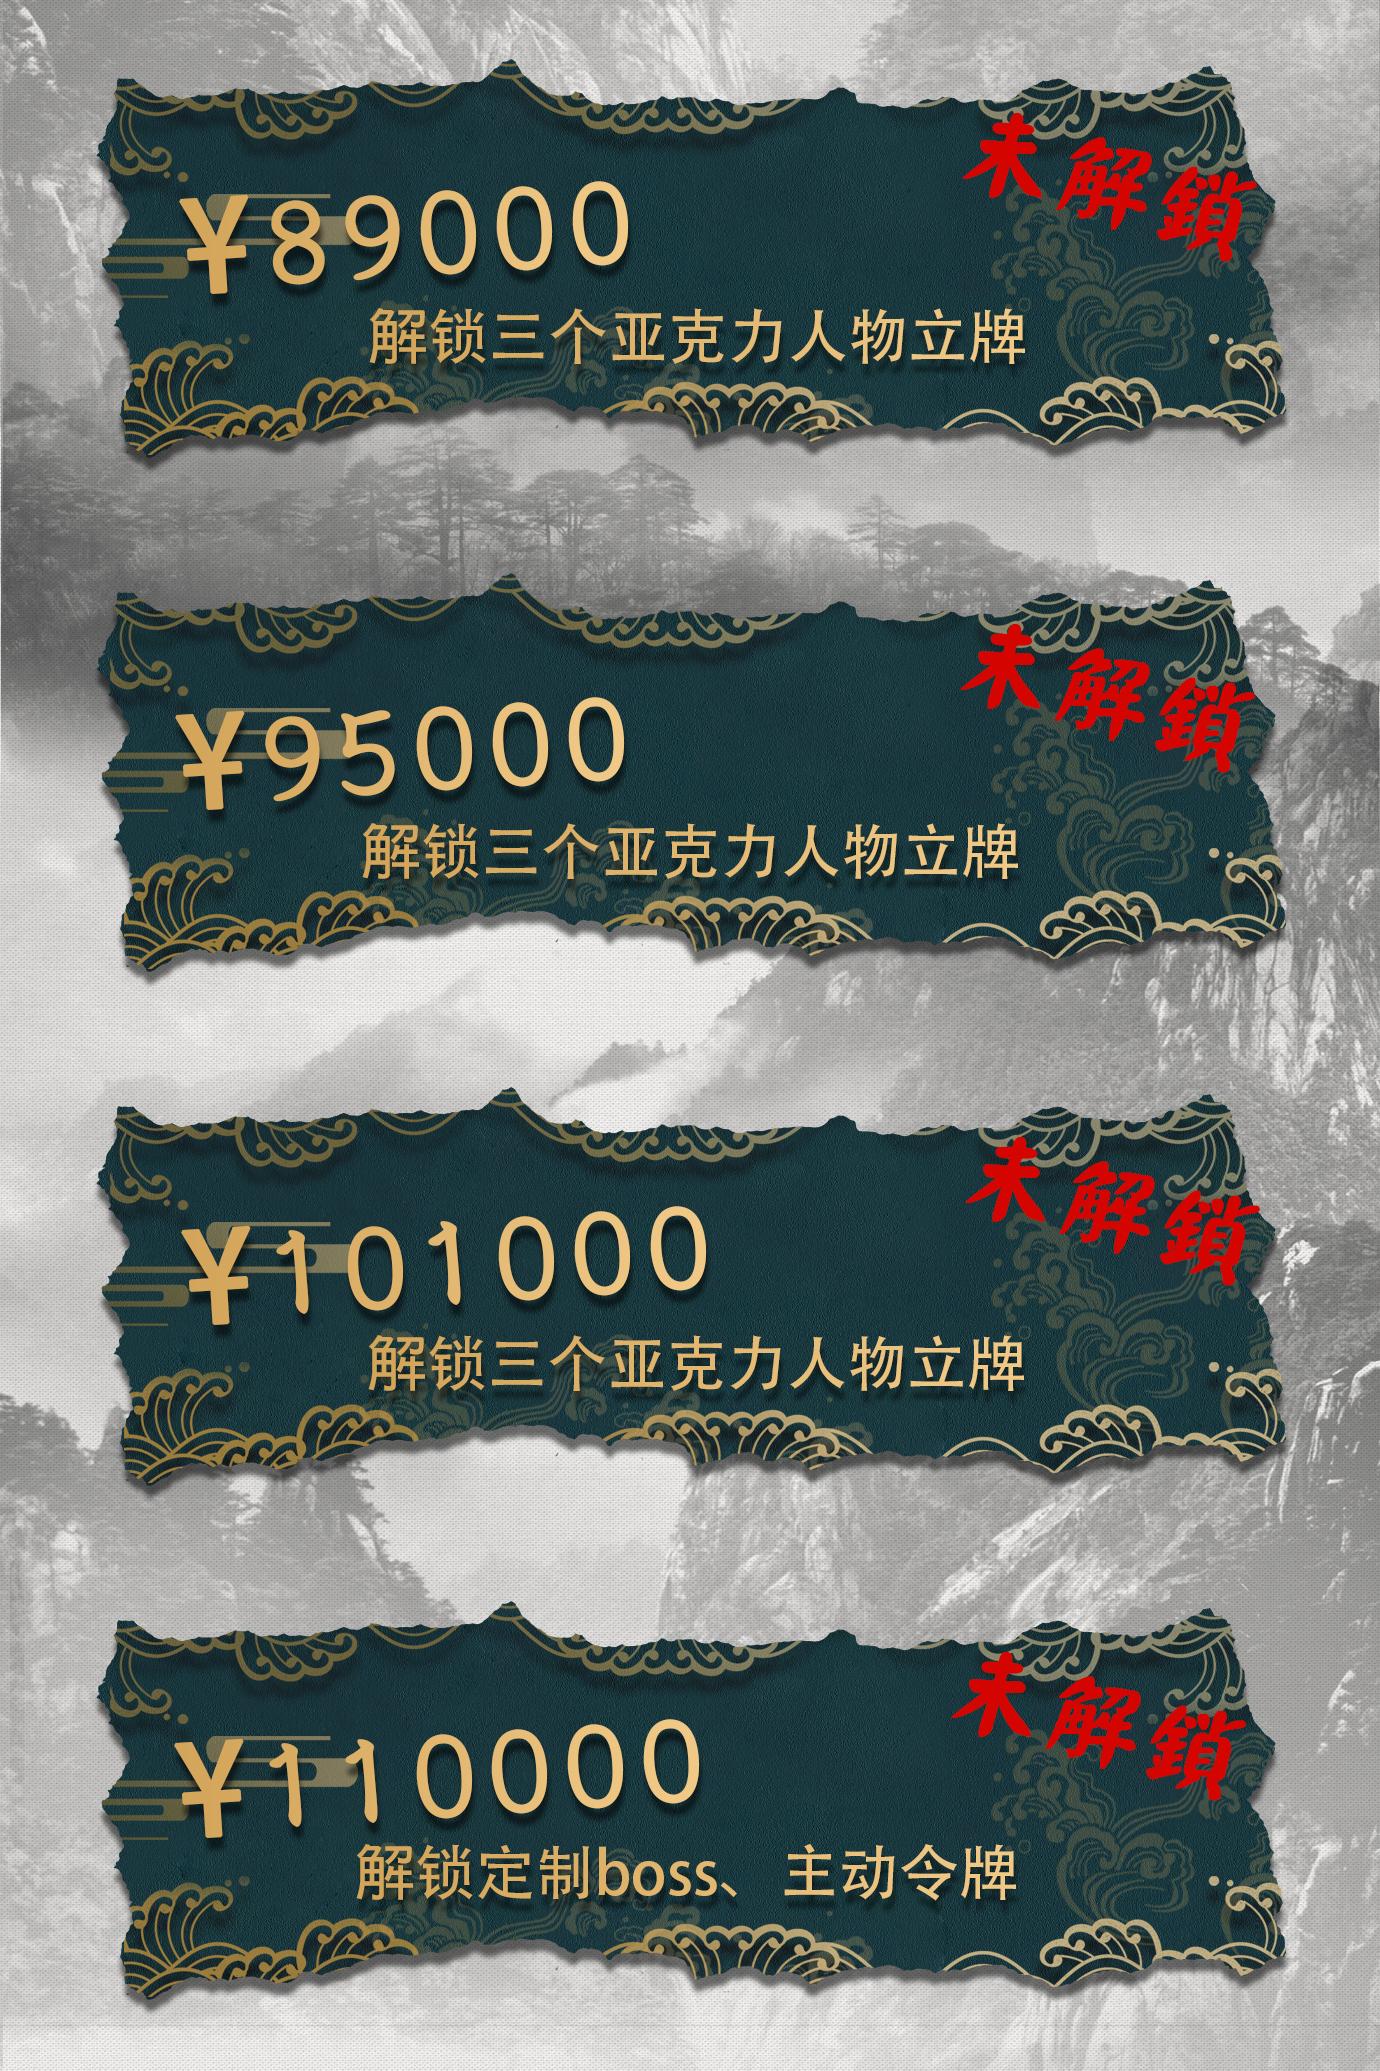 武林风云录众筹解锁4.jpg